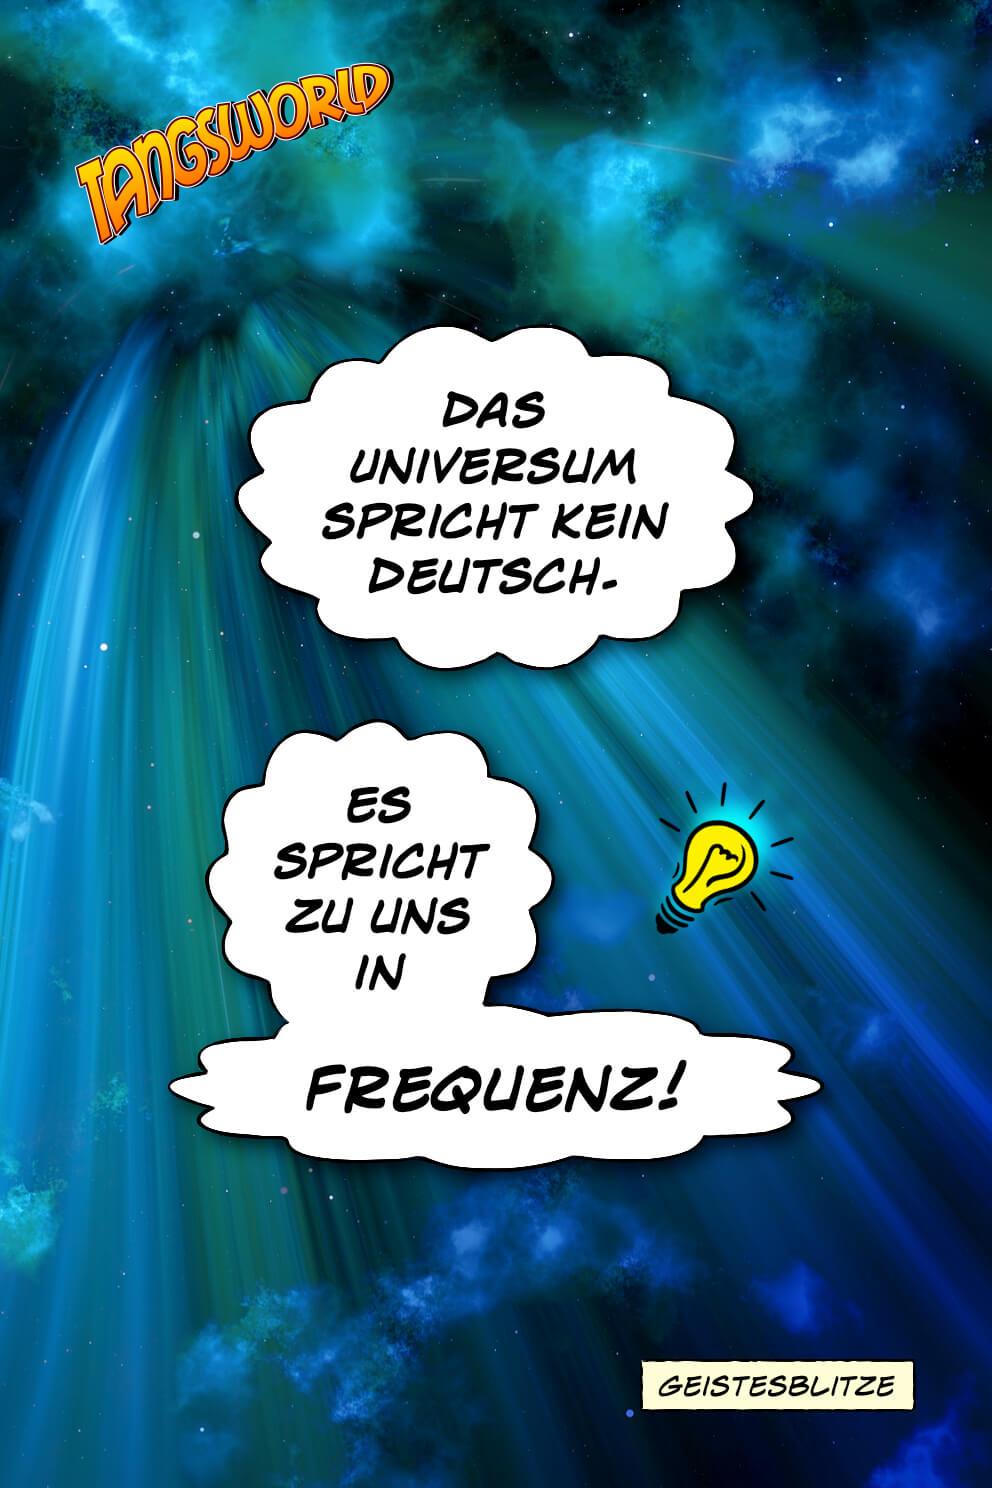 Das Universum spricht kein Deutsch. Es spricht zu uns in Frequenz. - Geistesblitze